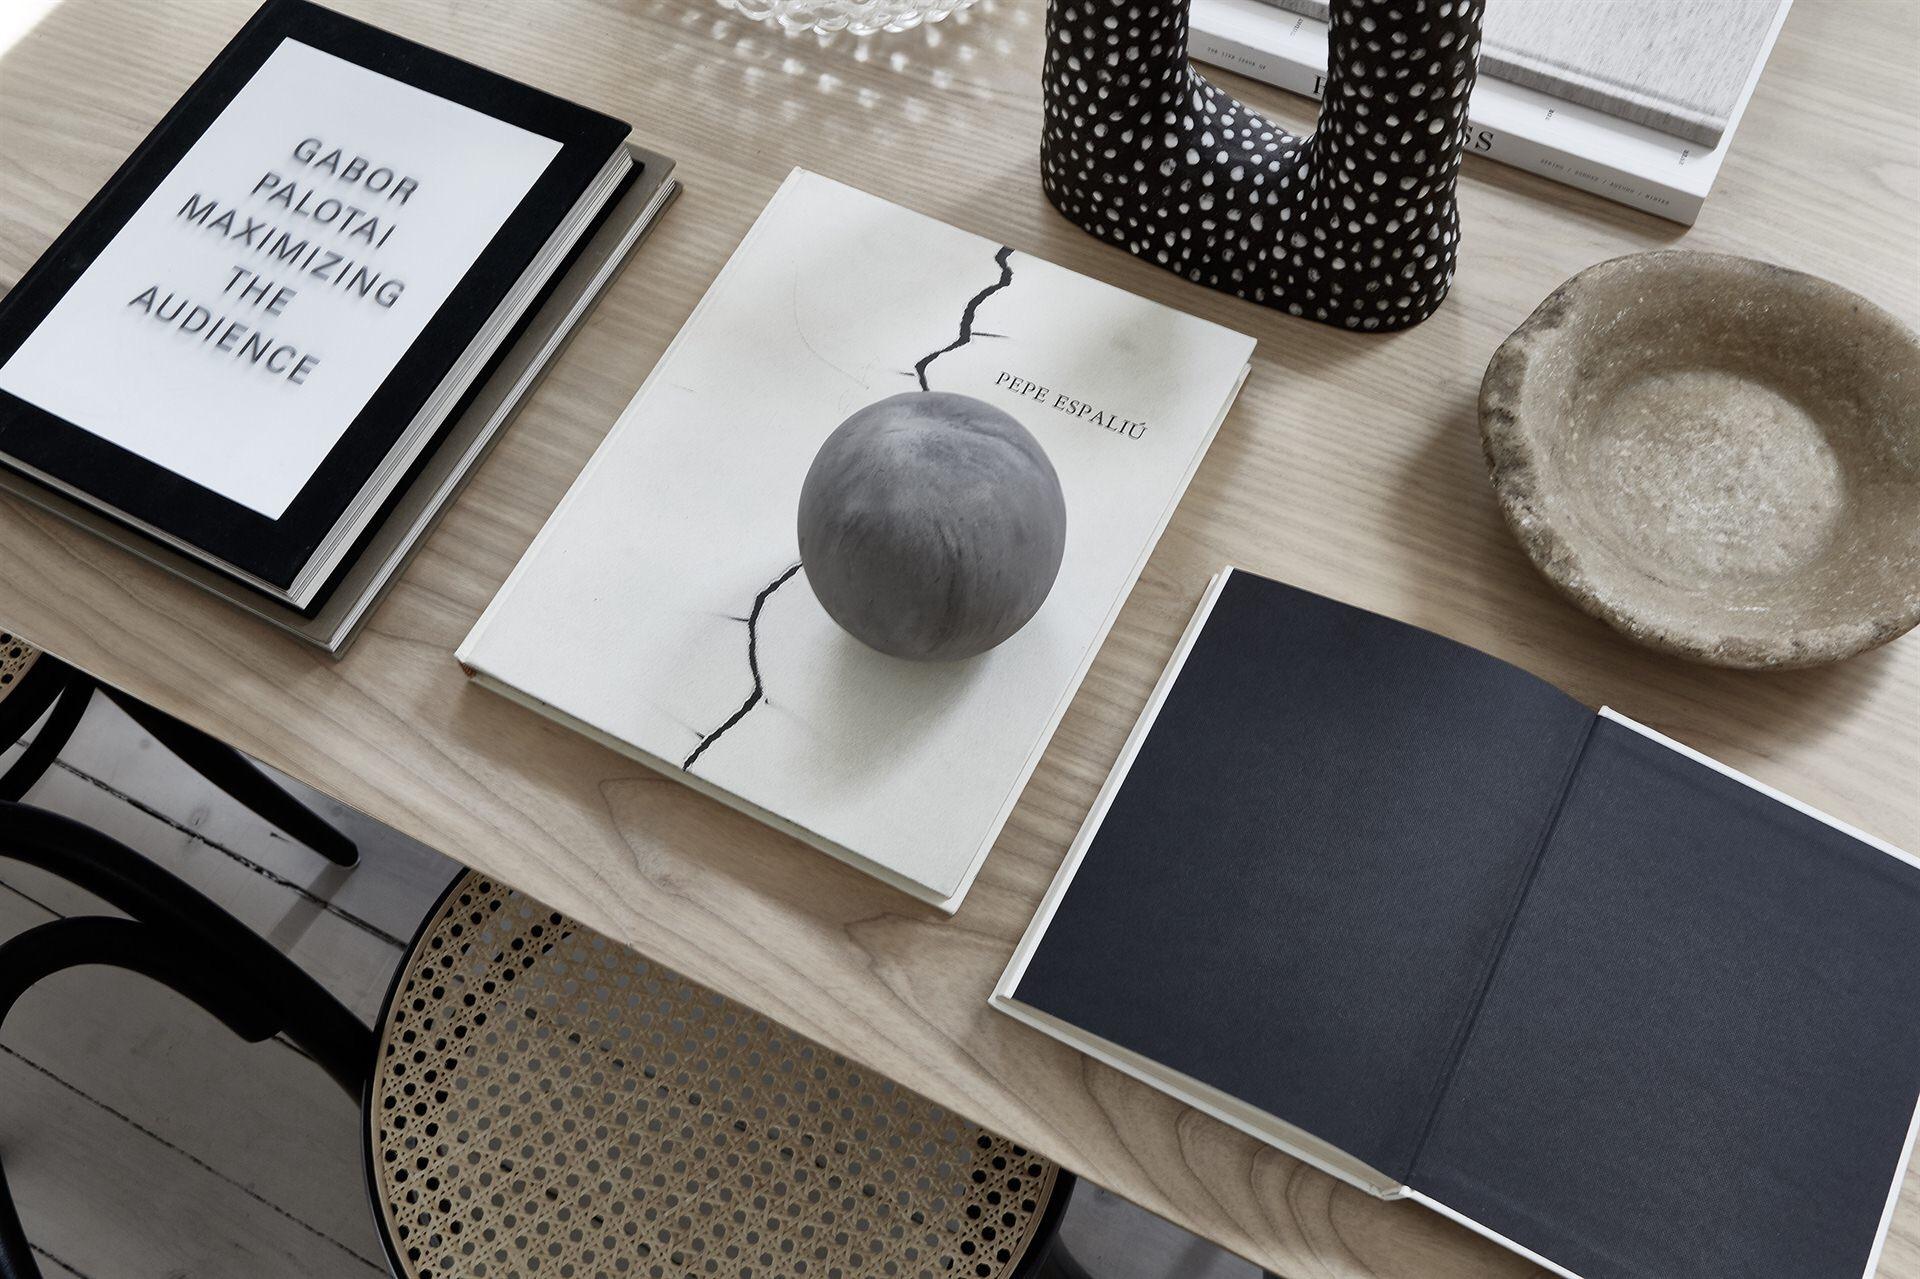 деревянный стол плетеные табуреты книги декор